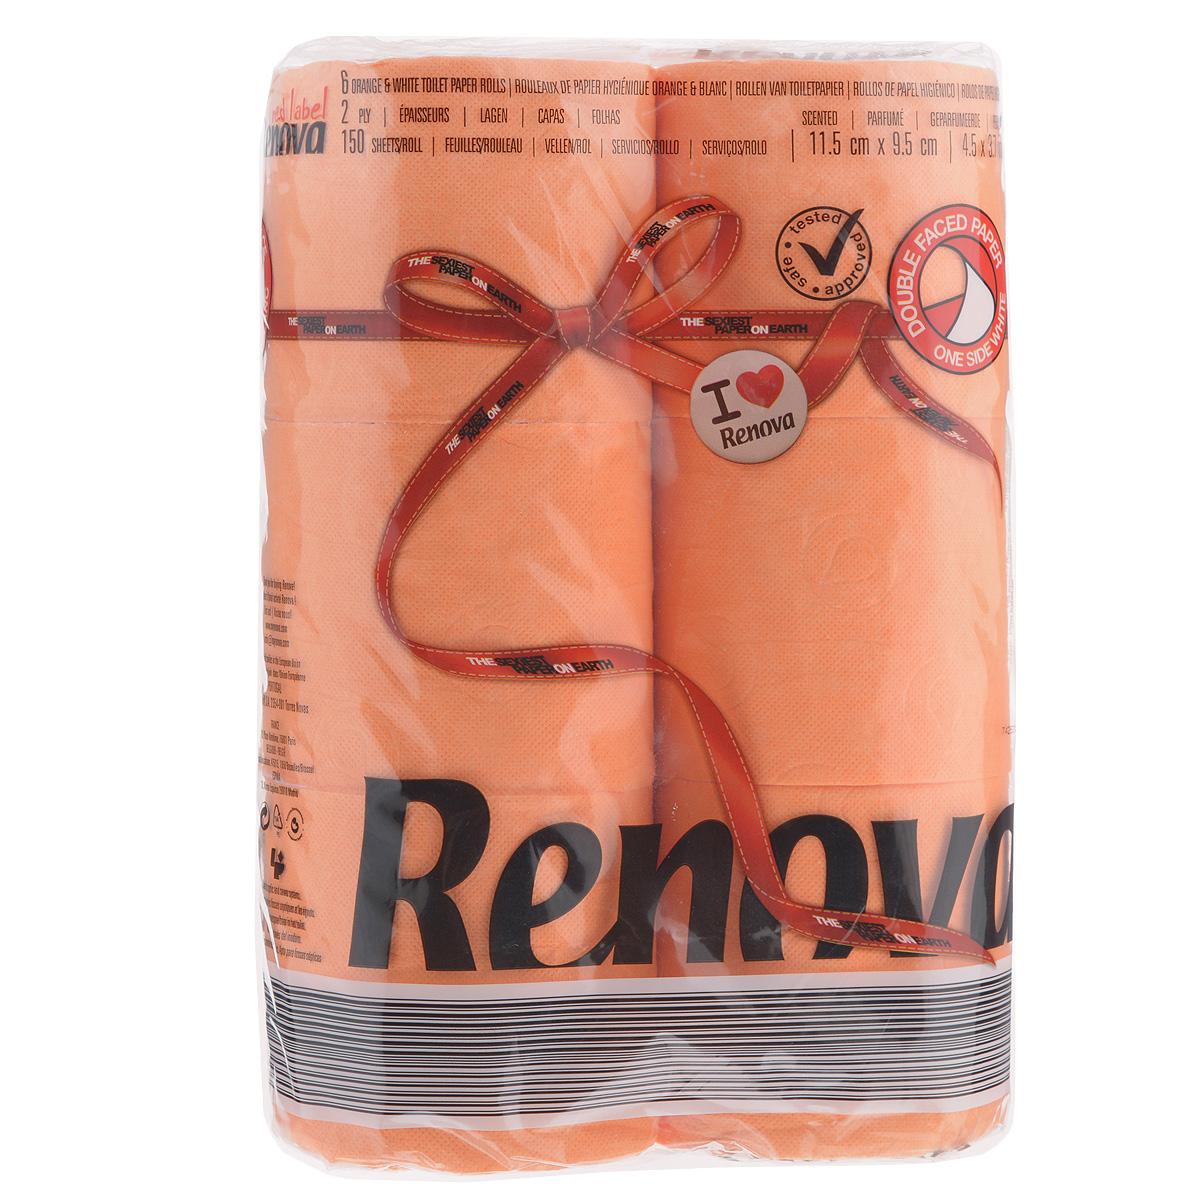 Туалетная бумага Renova, двухслойная, ароматизированная, цвет: оранжевый, 6 рулонов200066929Туалетная бумага Renova изготовлена по новейшей технологии из 100% ароматизированной целлюлозы, благодаря чему она имеет тонкий аромат, очень мягкая, нежная, но в тоже время прочная. Эксклюзивная двухсторонняя туалетная бумага Renova  экстрамодного цвета, придаст вашему туалету оригинальность. Состав: 100% ароматизированная целлюлоза.Количество листов: 150 шт. Количество слоев: 2. Размер листа: 11,5 см х 9,5 см. Количество рулонов: 6 шт. Португальская компания Renova является ведущим разработчиком новейших технологий производства, нового стиля и направления на рынке гигиенической продукции.Современный дизайн и высочайшее качество, дерматологический контроль - это то, что выделяет компанию Renova среди других производителей бумажной санитарно-гигиенической продукции.